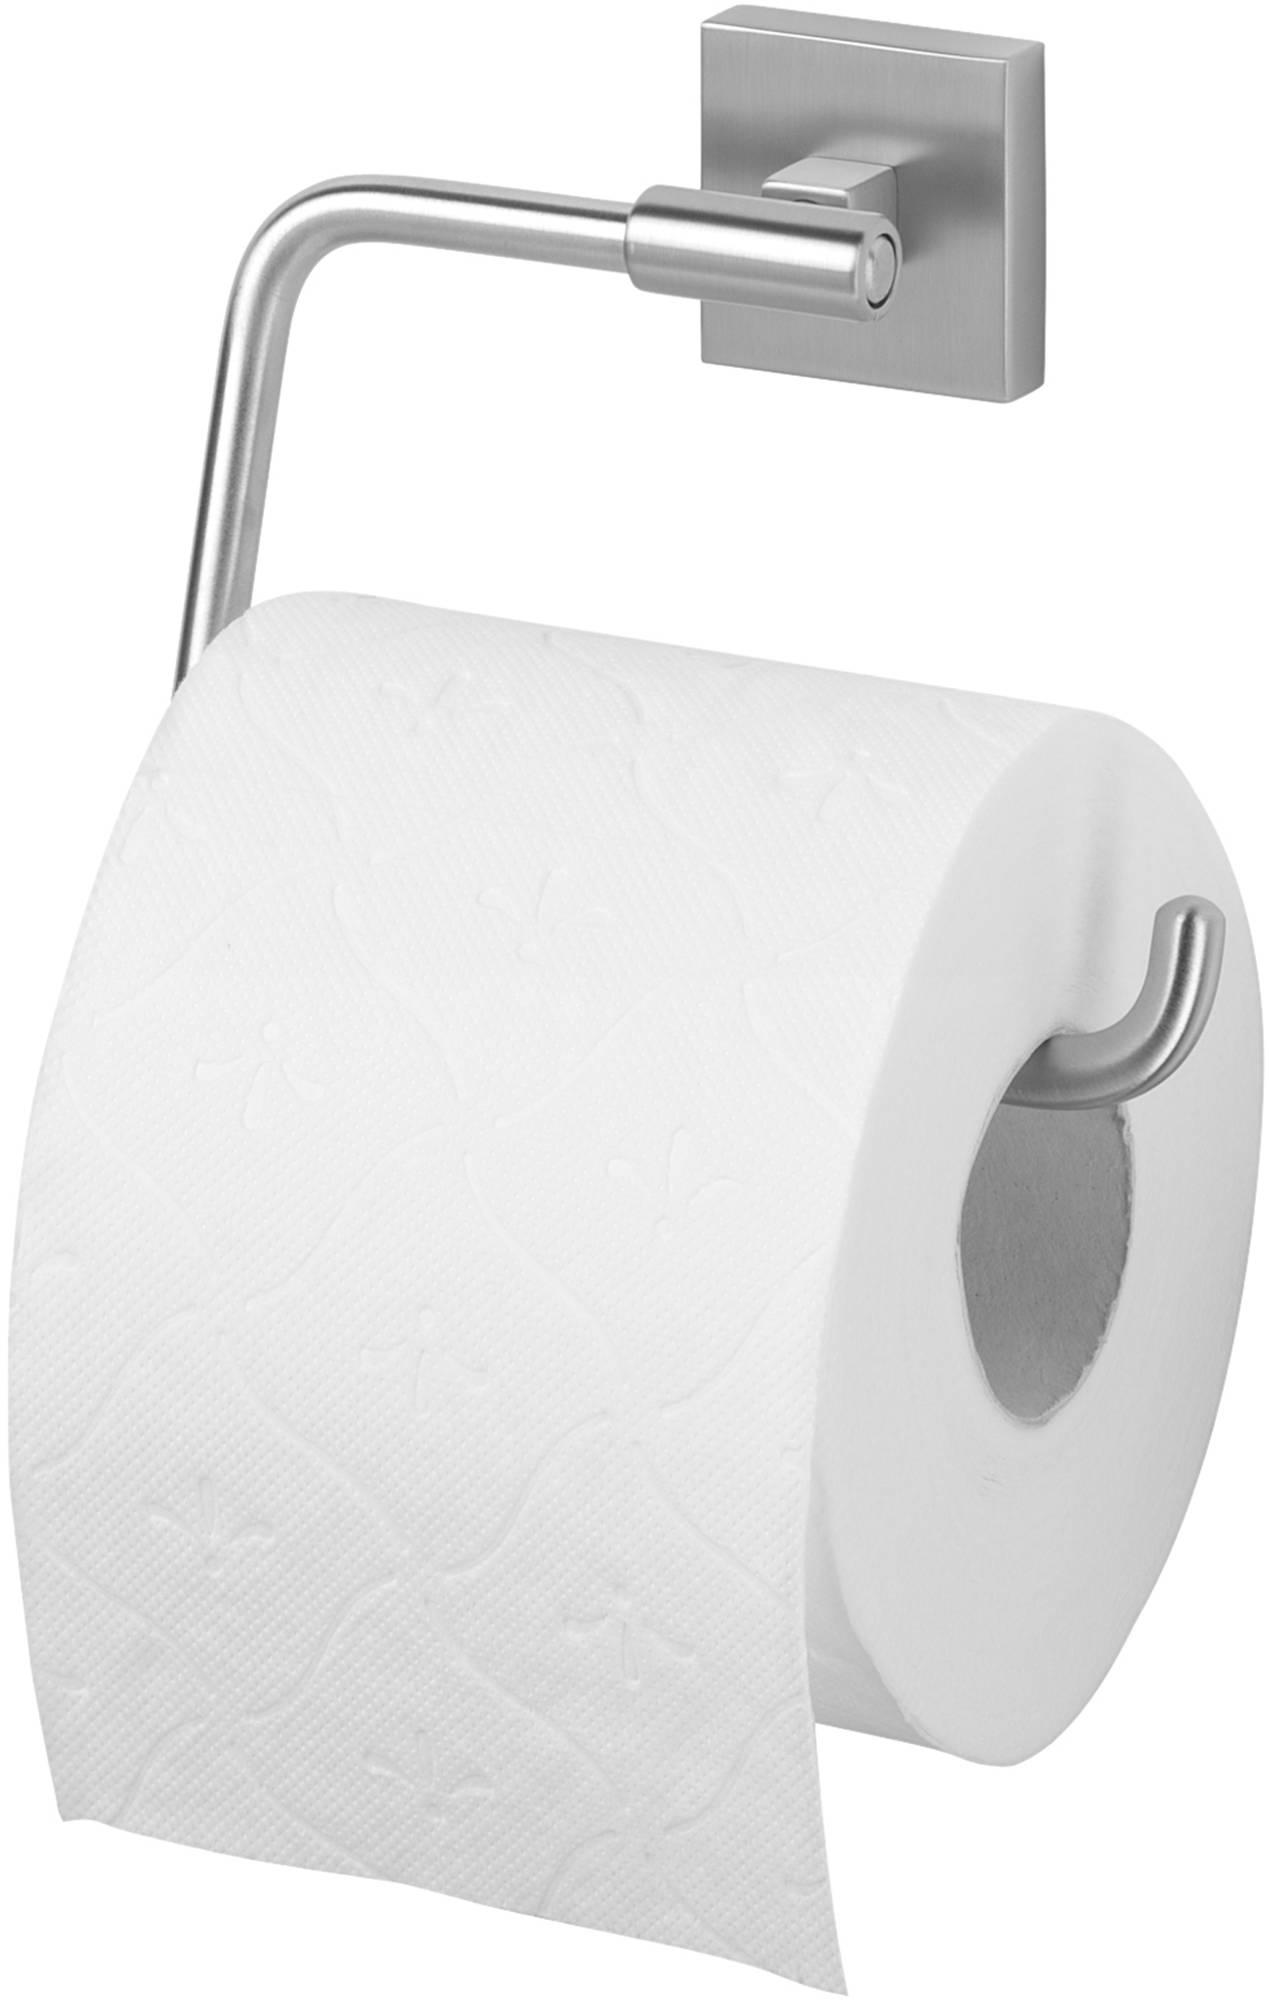 Tiger melbourne toiletrolhouder rvs